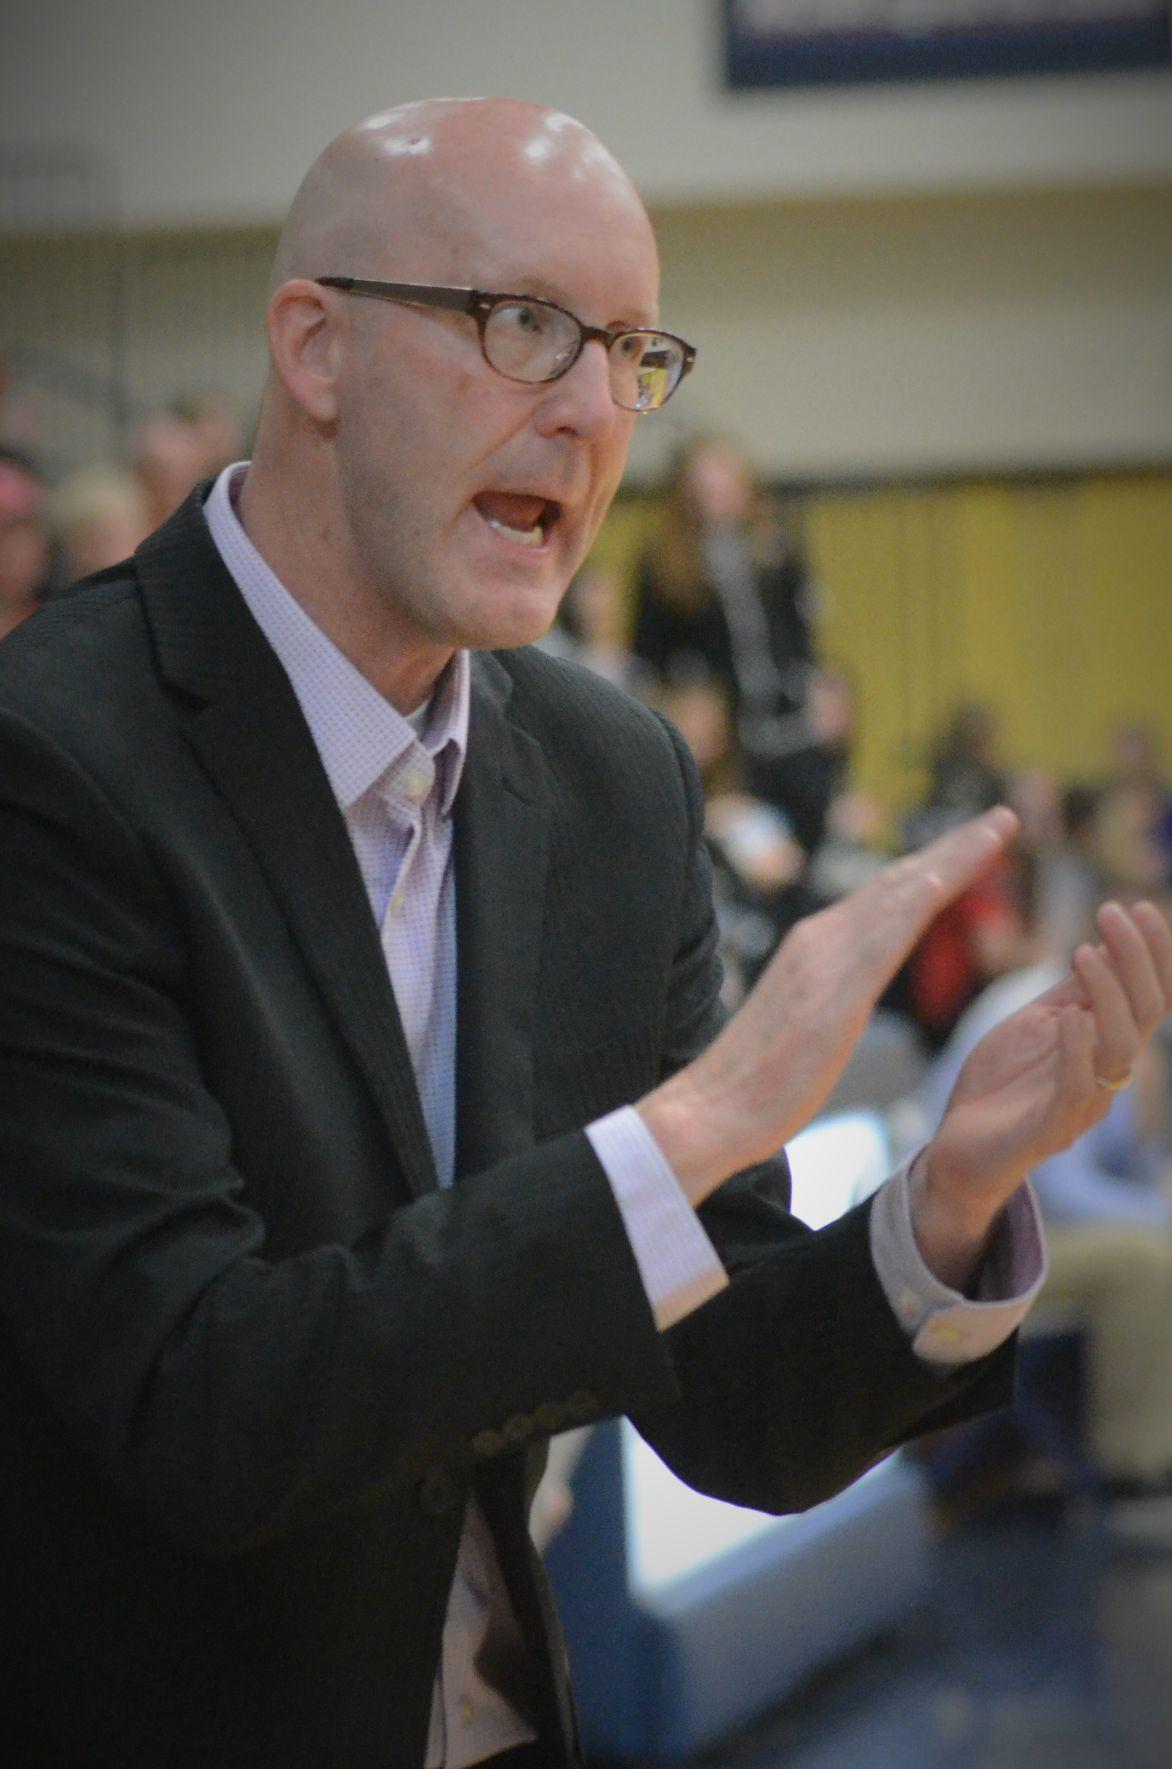 Brian VanHaaften